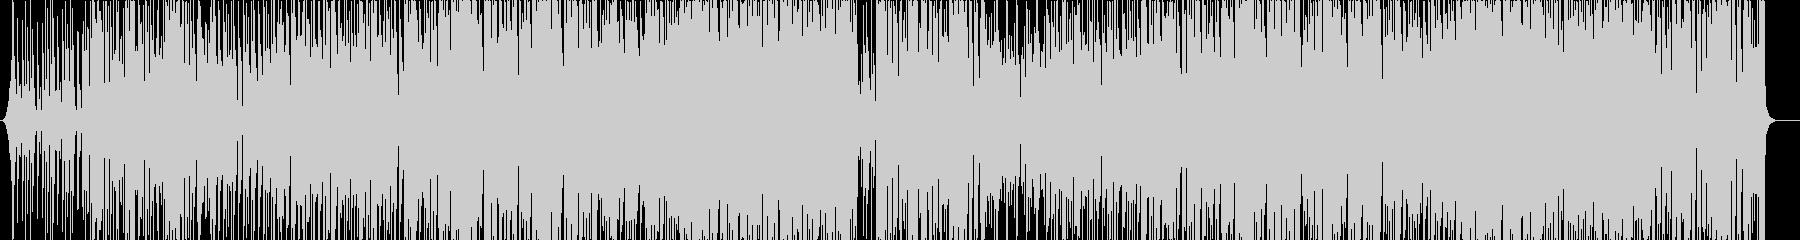 ポップなブラスファンク_トランペットの未再生の波形